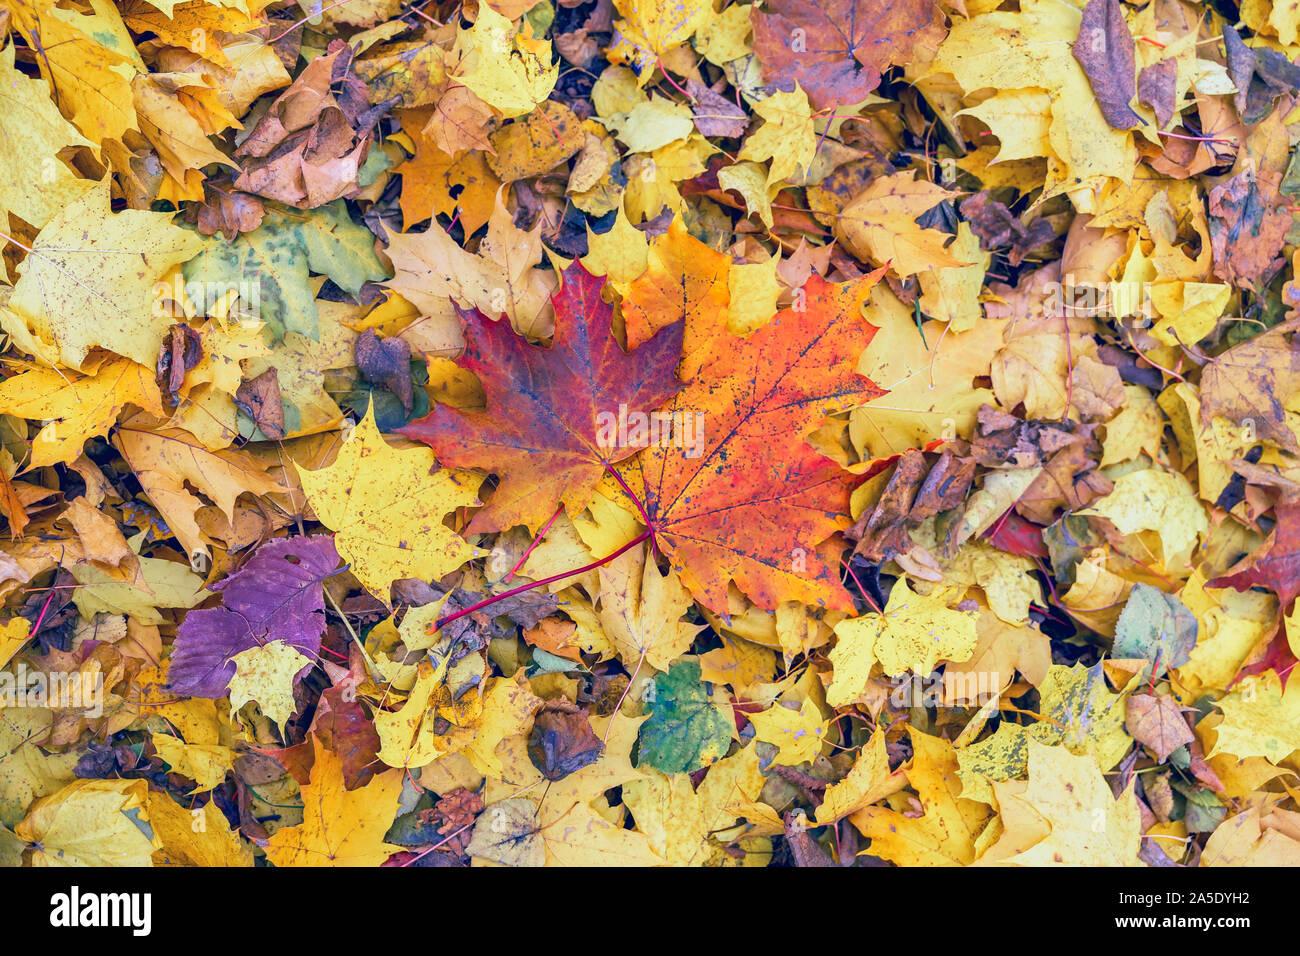 Coppia di bright caduti autunno foglie di acero sul terreno su sfondo varietà di altre foglie colorate. Stagioni, nostalgico umore Foto Stock